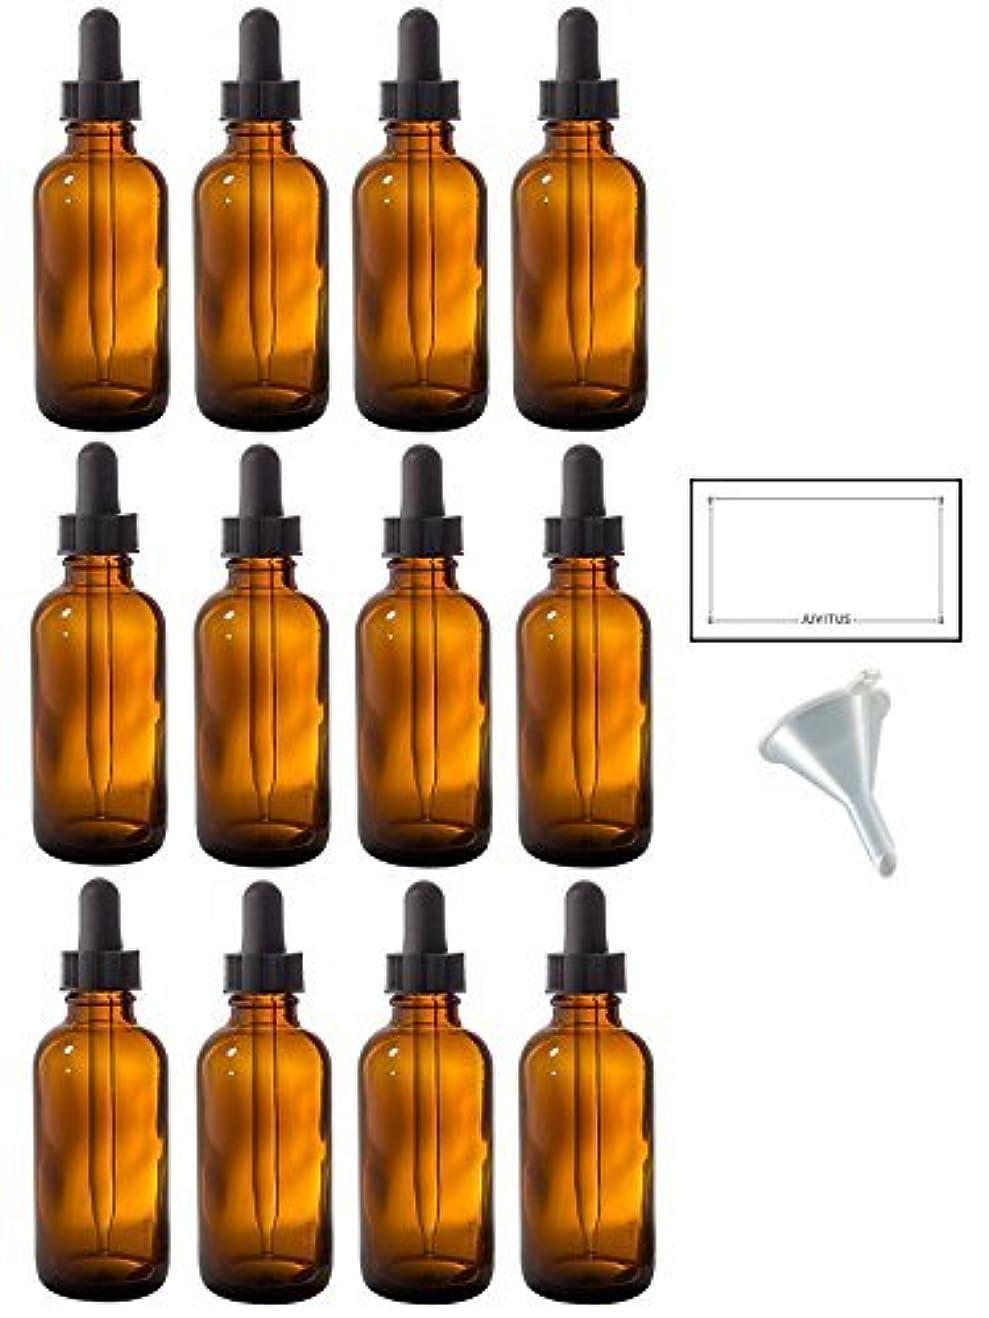 名前舌習字2 oz Amber Glass Boston Round Dropper Bottle (12 pack) + Funnel and Labels for essential oils, aromatherapy, e-liquid...